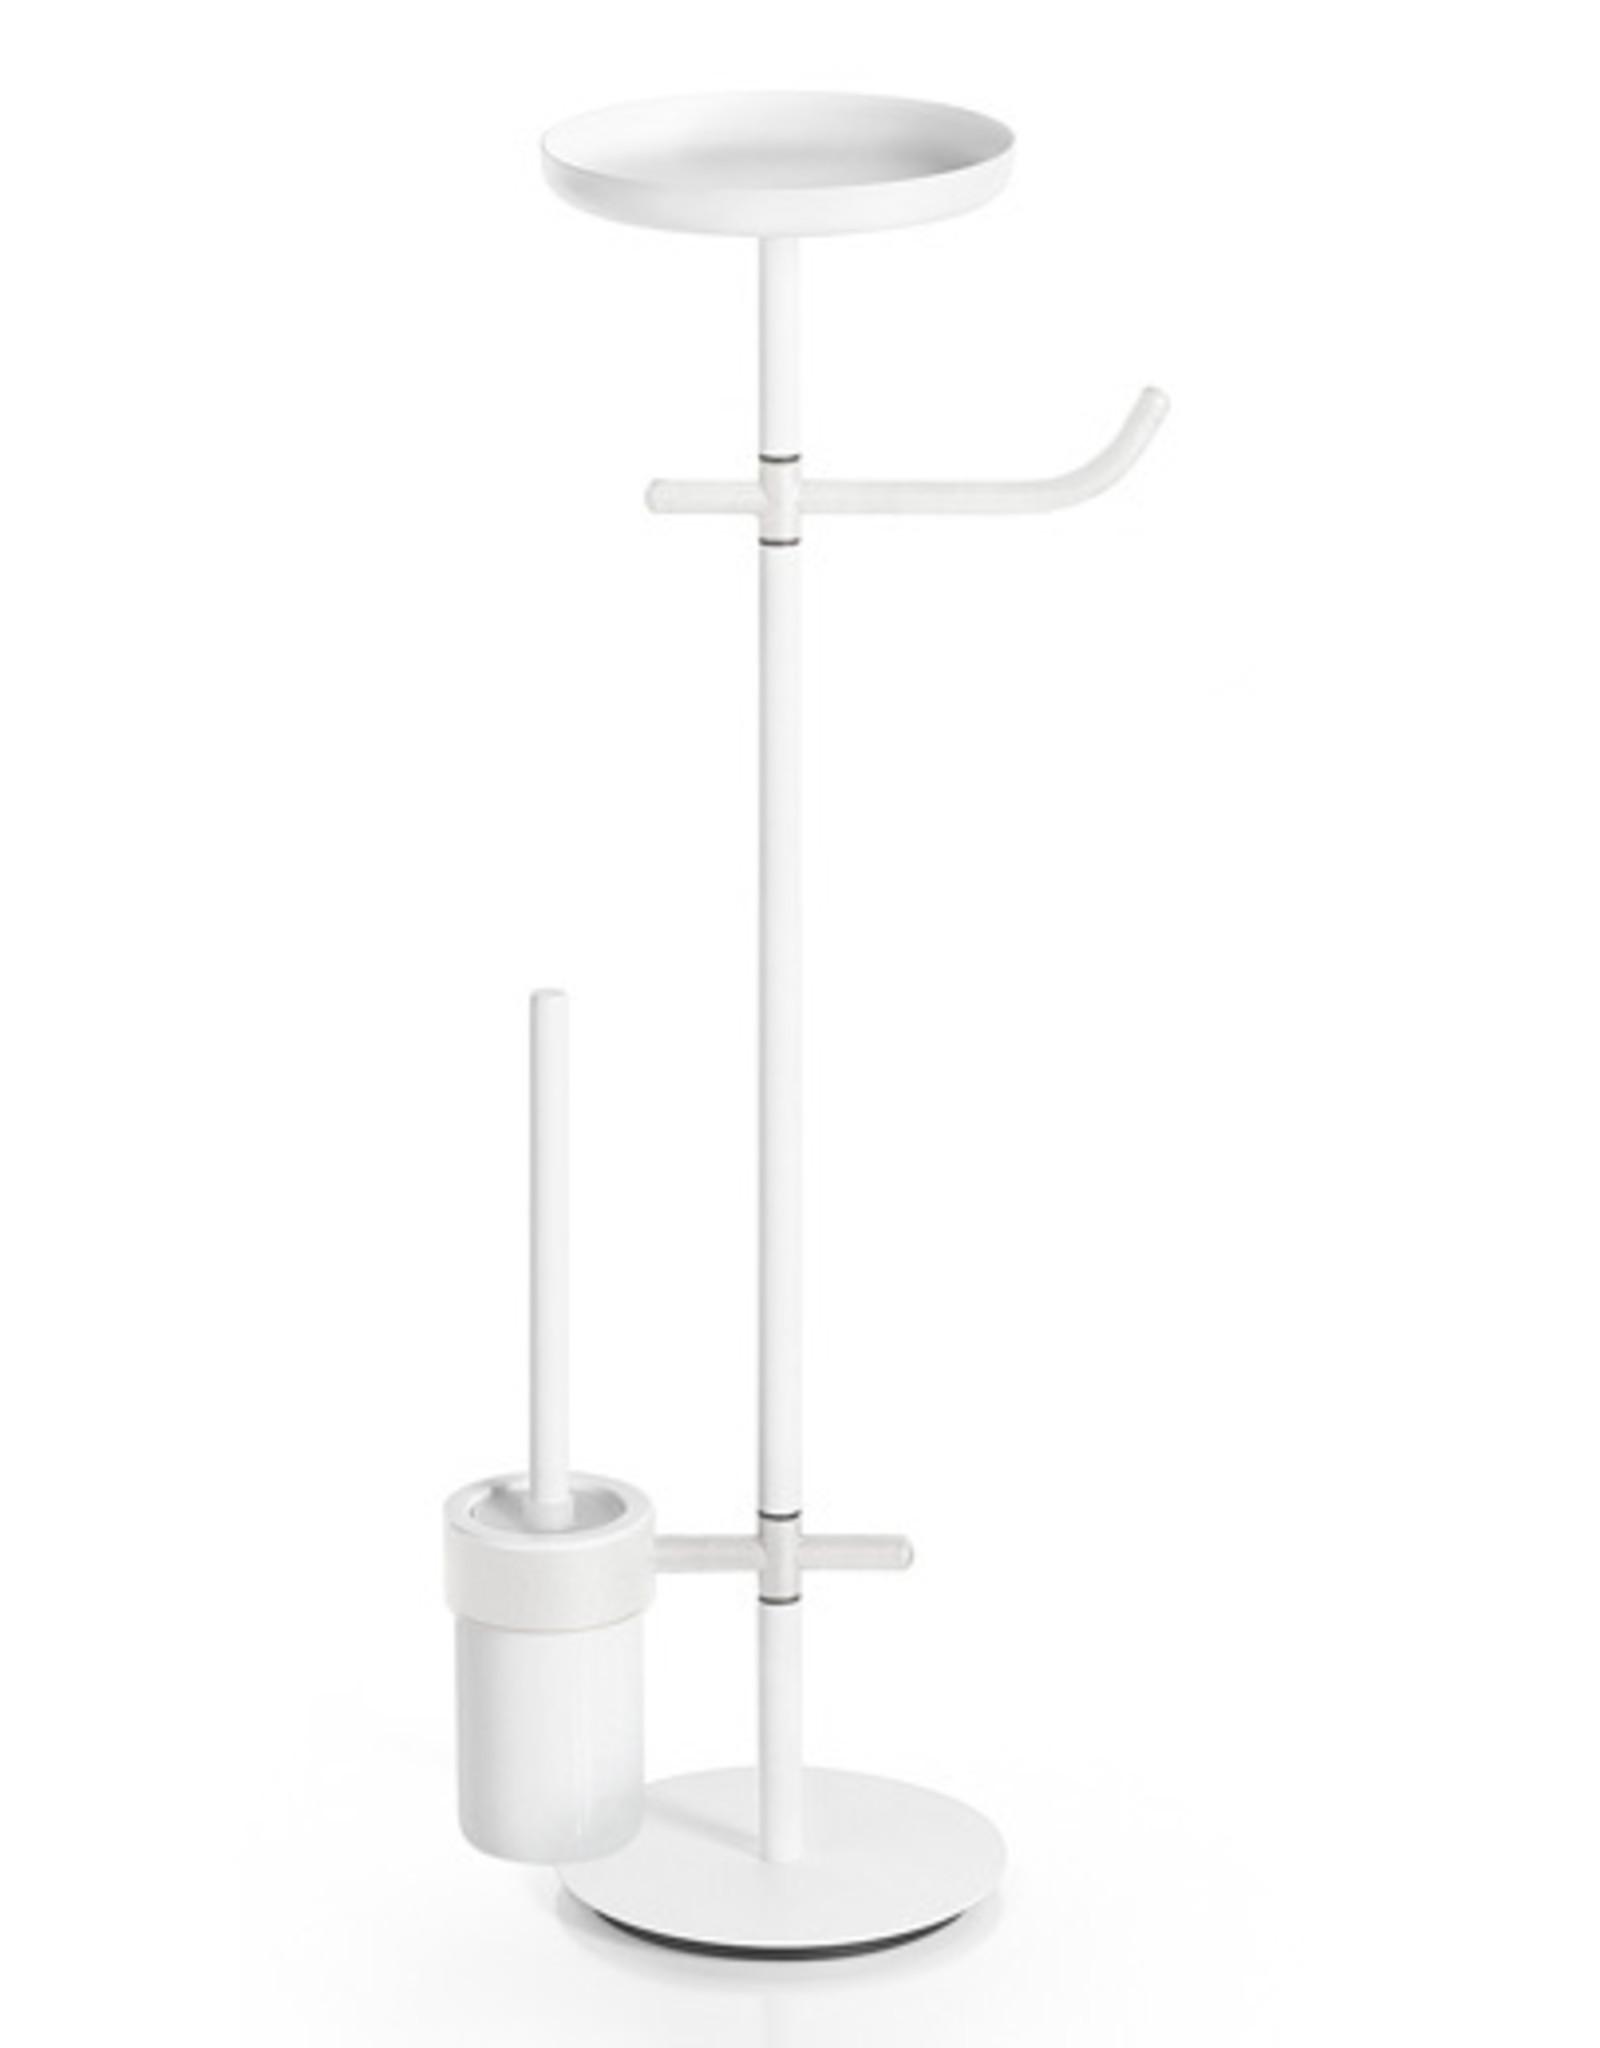 Ranpin set de toilette à poser, rond, blanc - vente